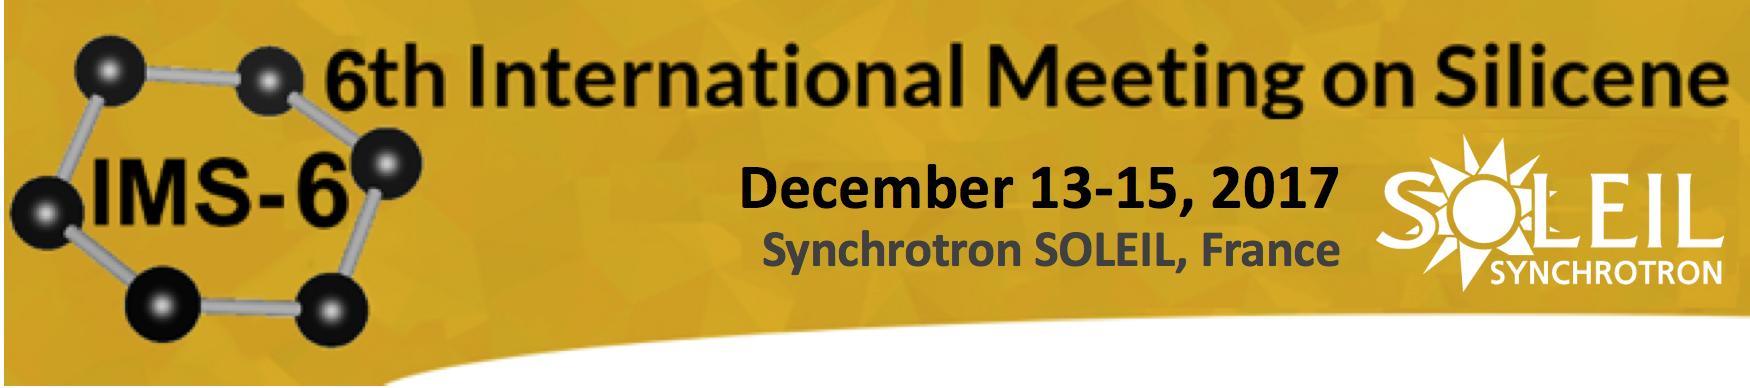 Conférence Internationale sur le Silicene, 13-15 décembre 2017